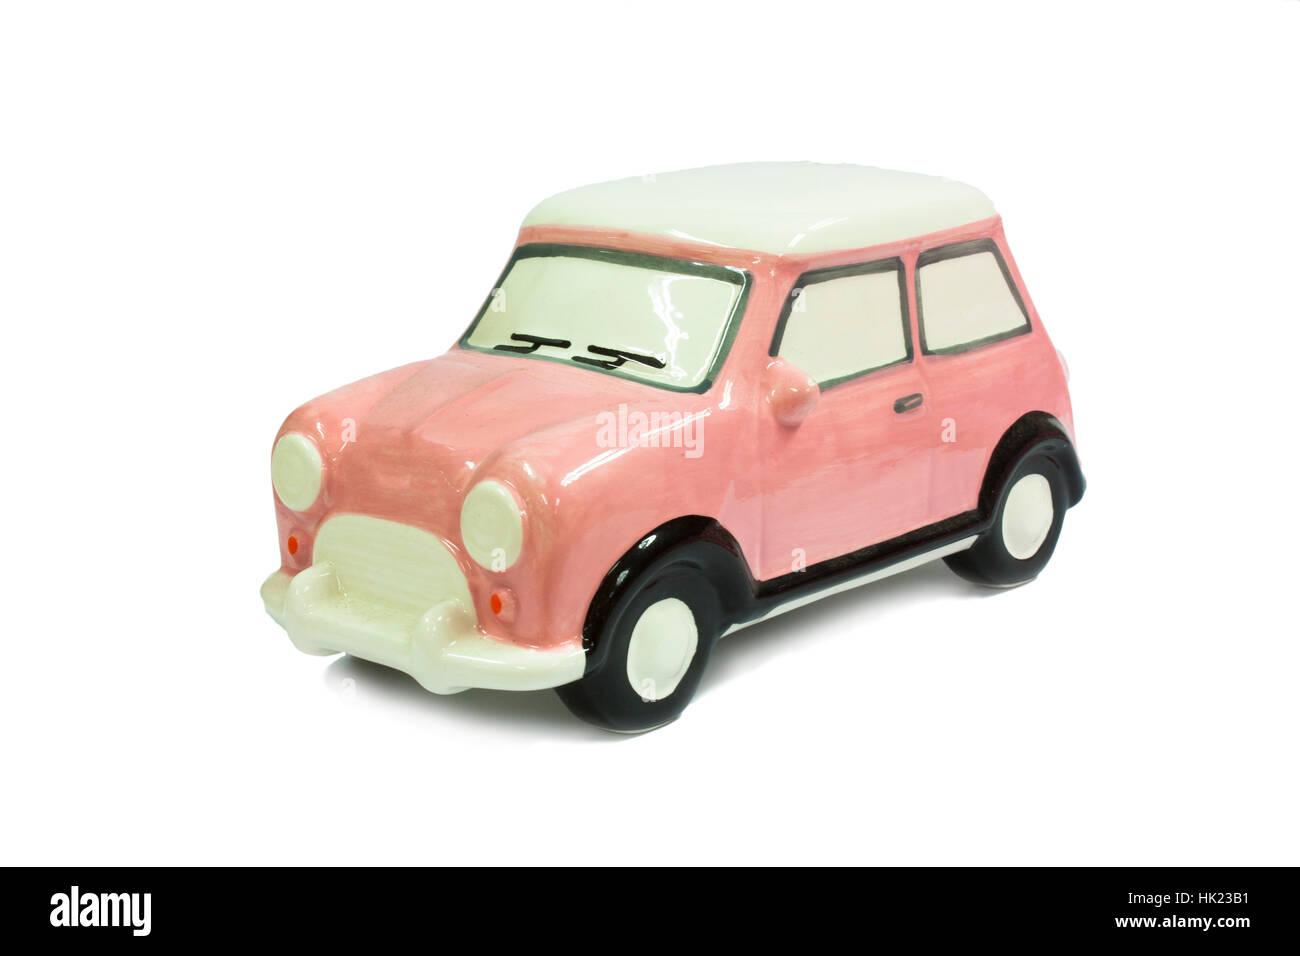 Cute Beautiful Pink Ceramic Car Stock Photo